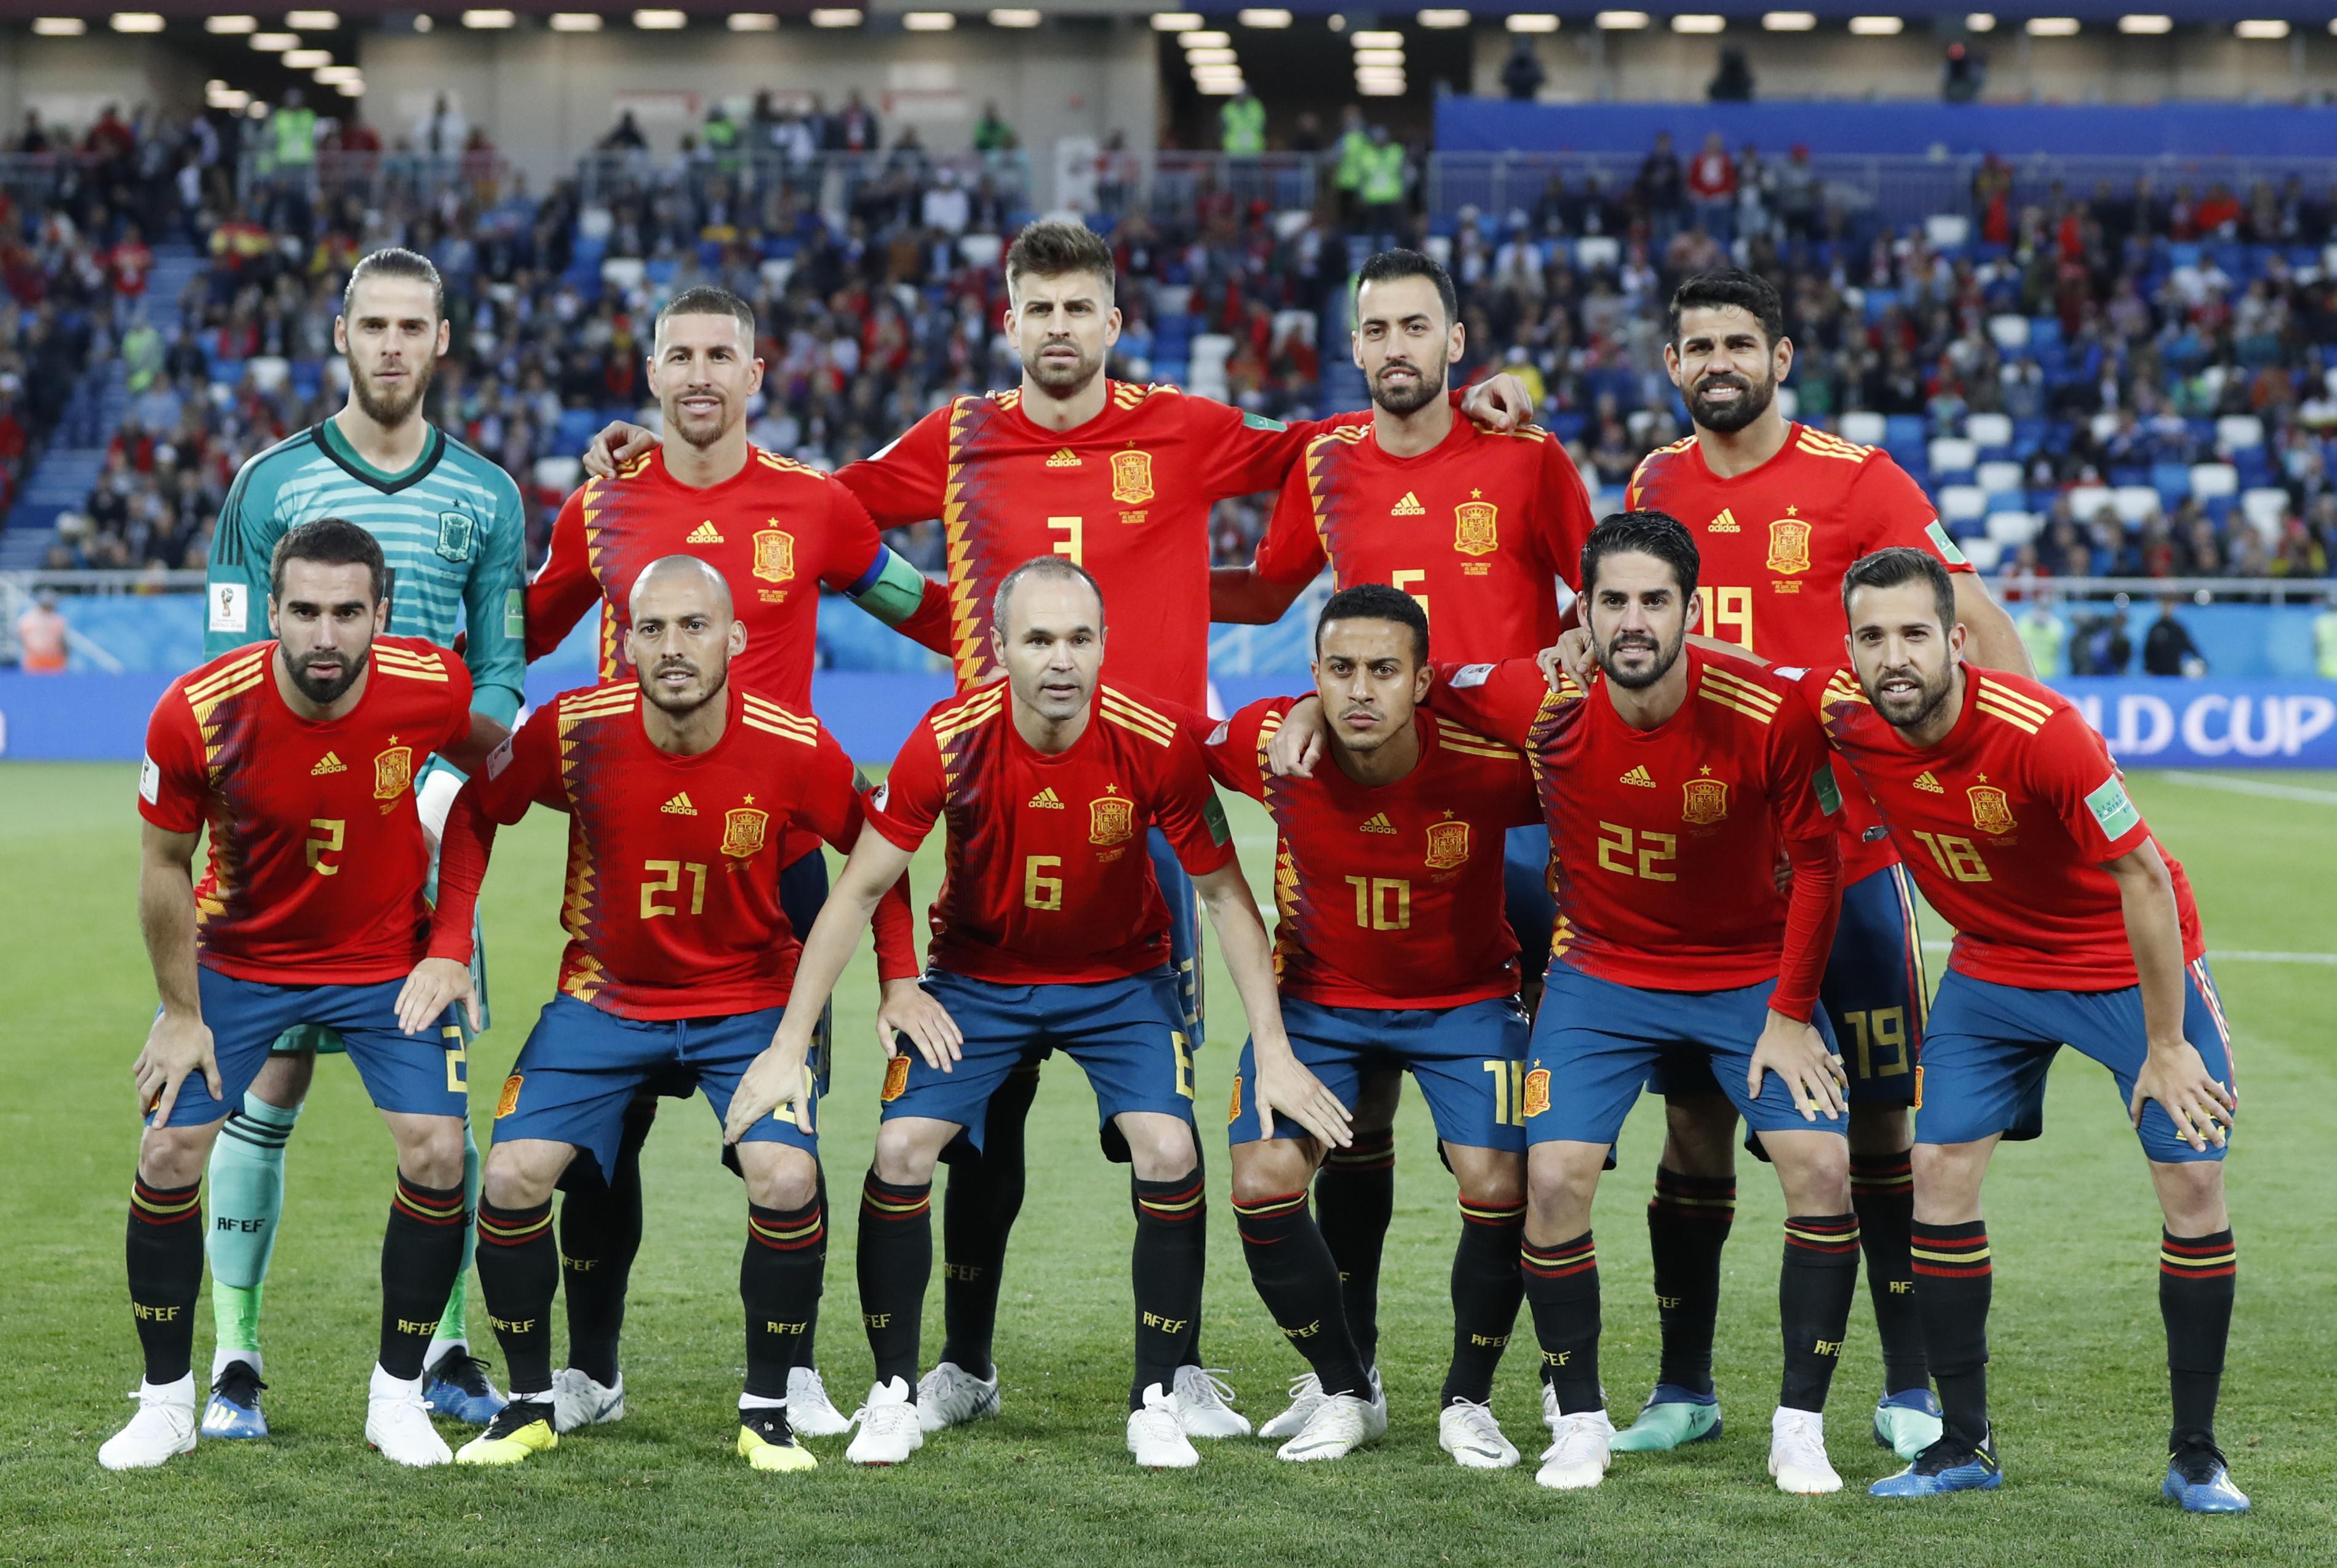 Испания футбольная сборная